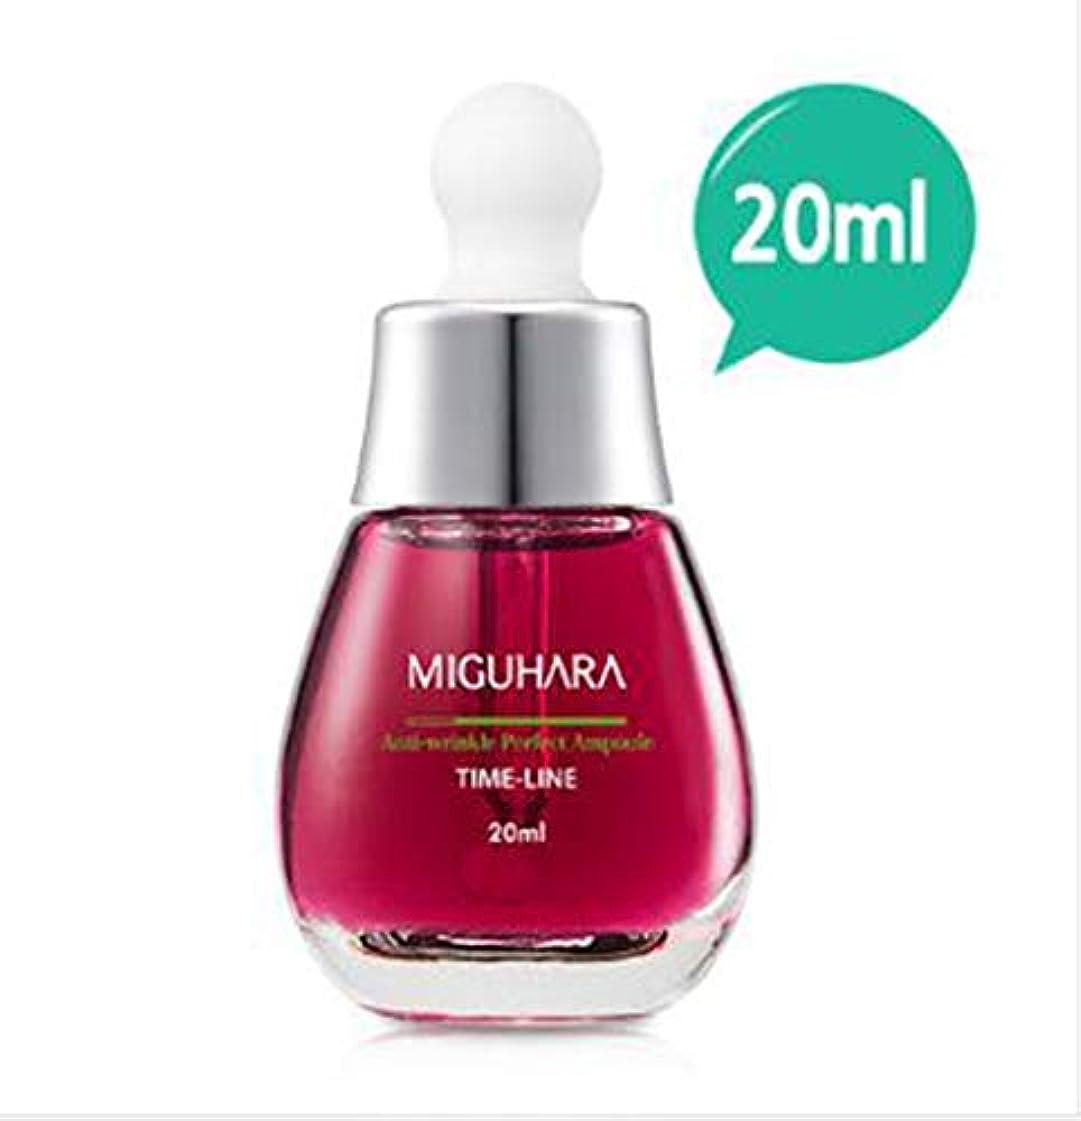 エステートマウスキャプションMIGUHARA Anti-wrinkle Perfect Ampoule 20ml/アンチ-リンクルパーフェクトアンプル 20ml